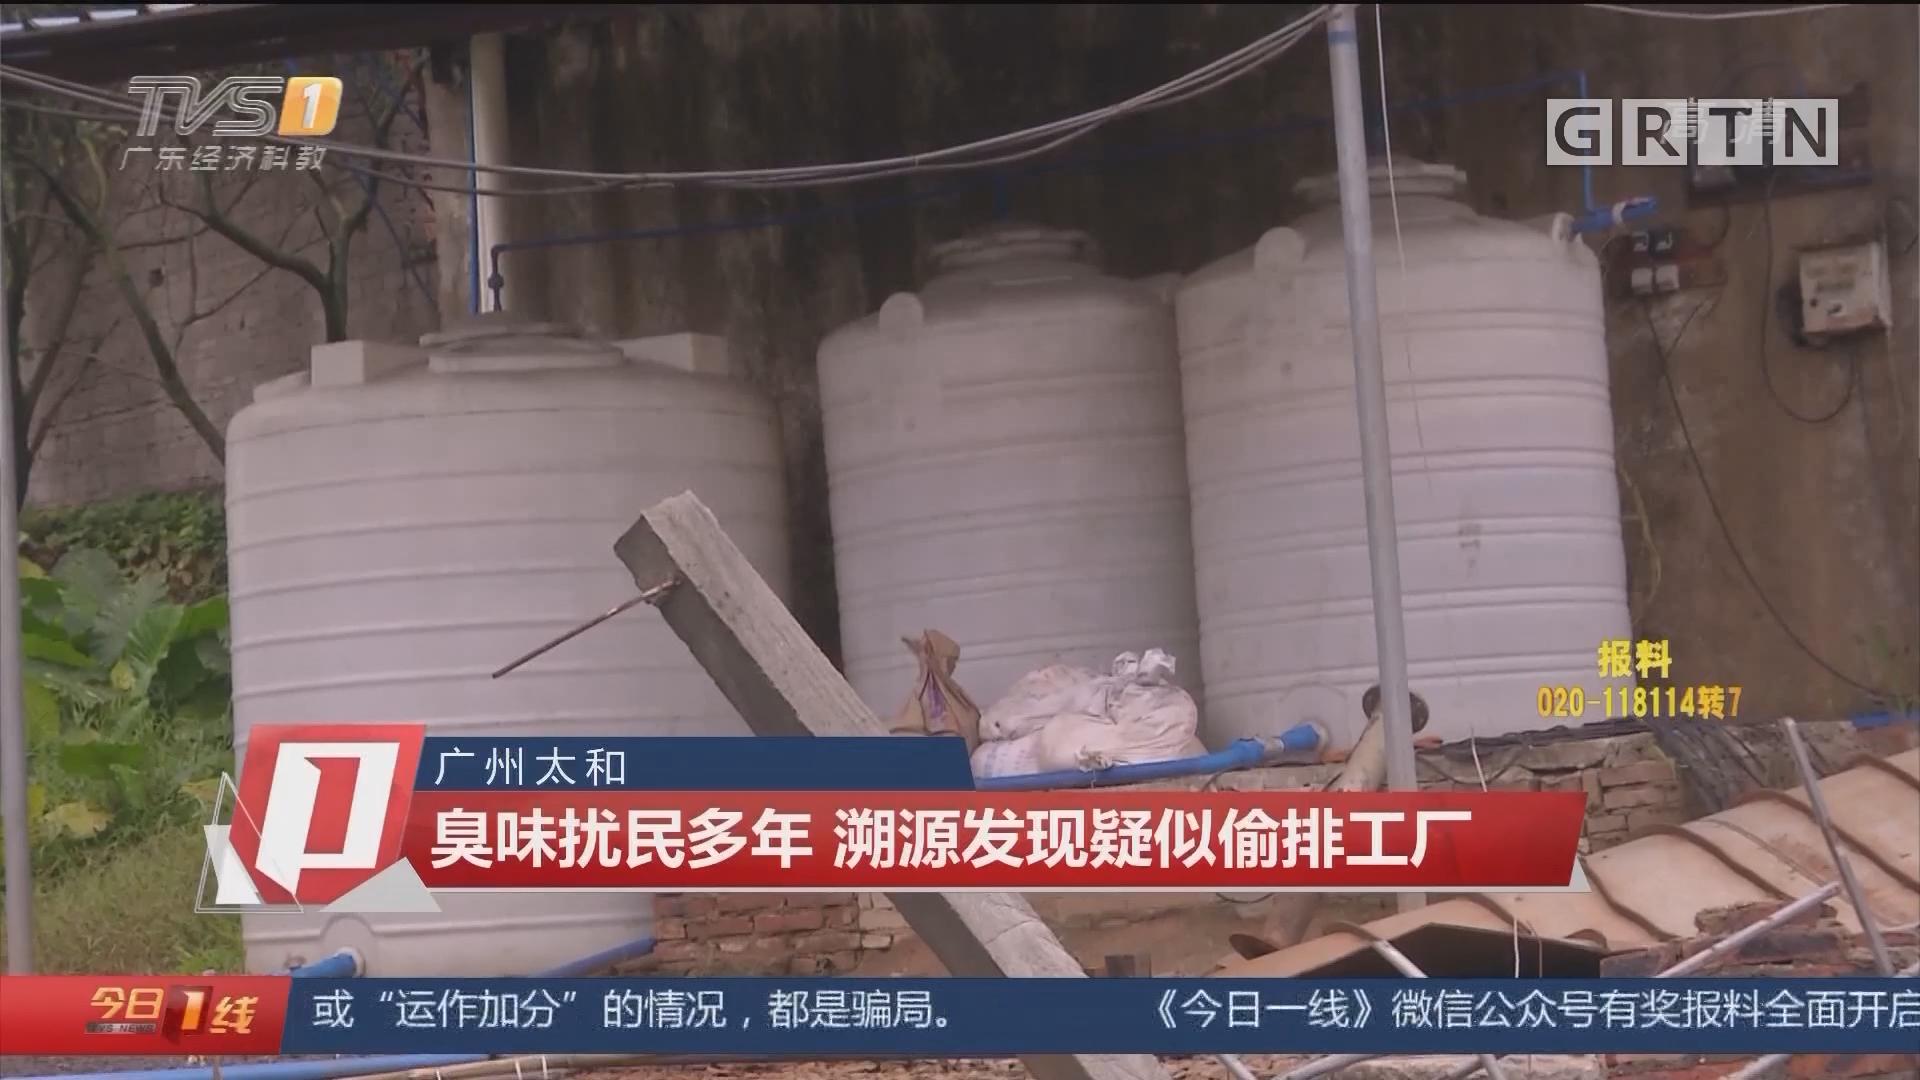 广州太和:臭味扰民多年 溯源发现疑似偷排工厂